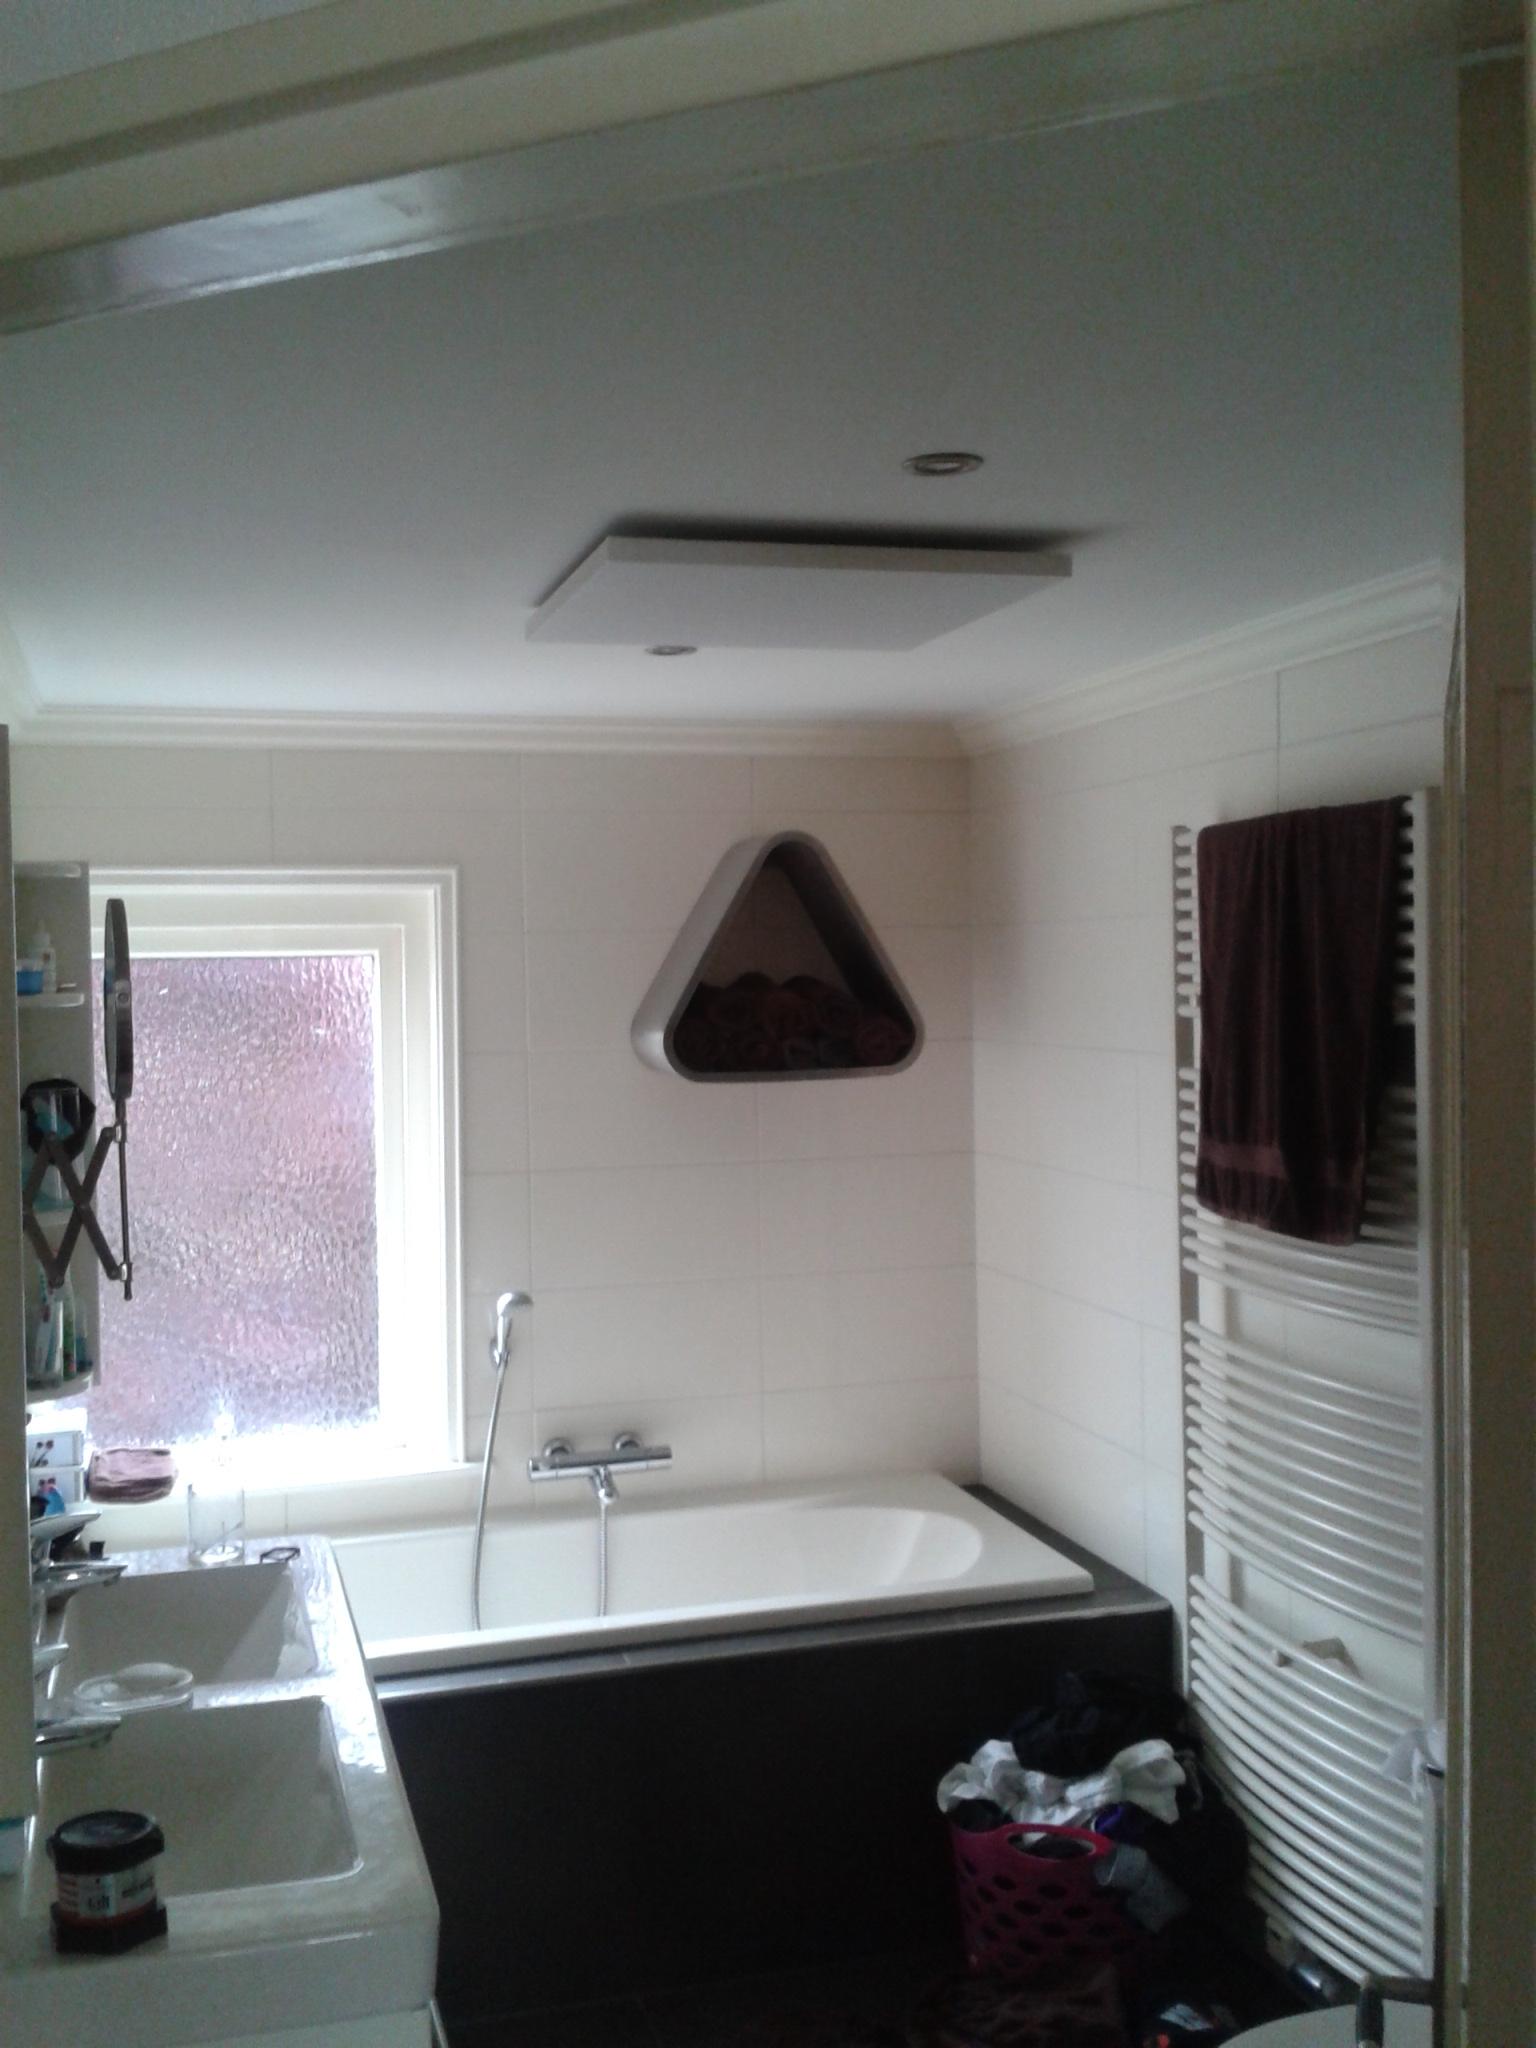 warmte straling woonkamer